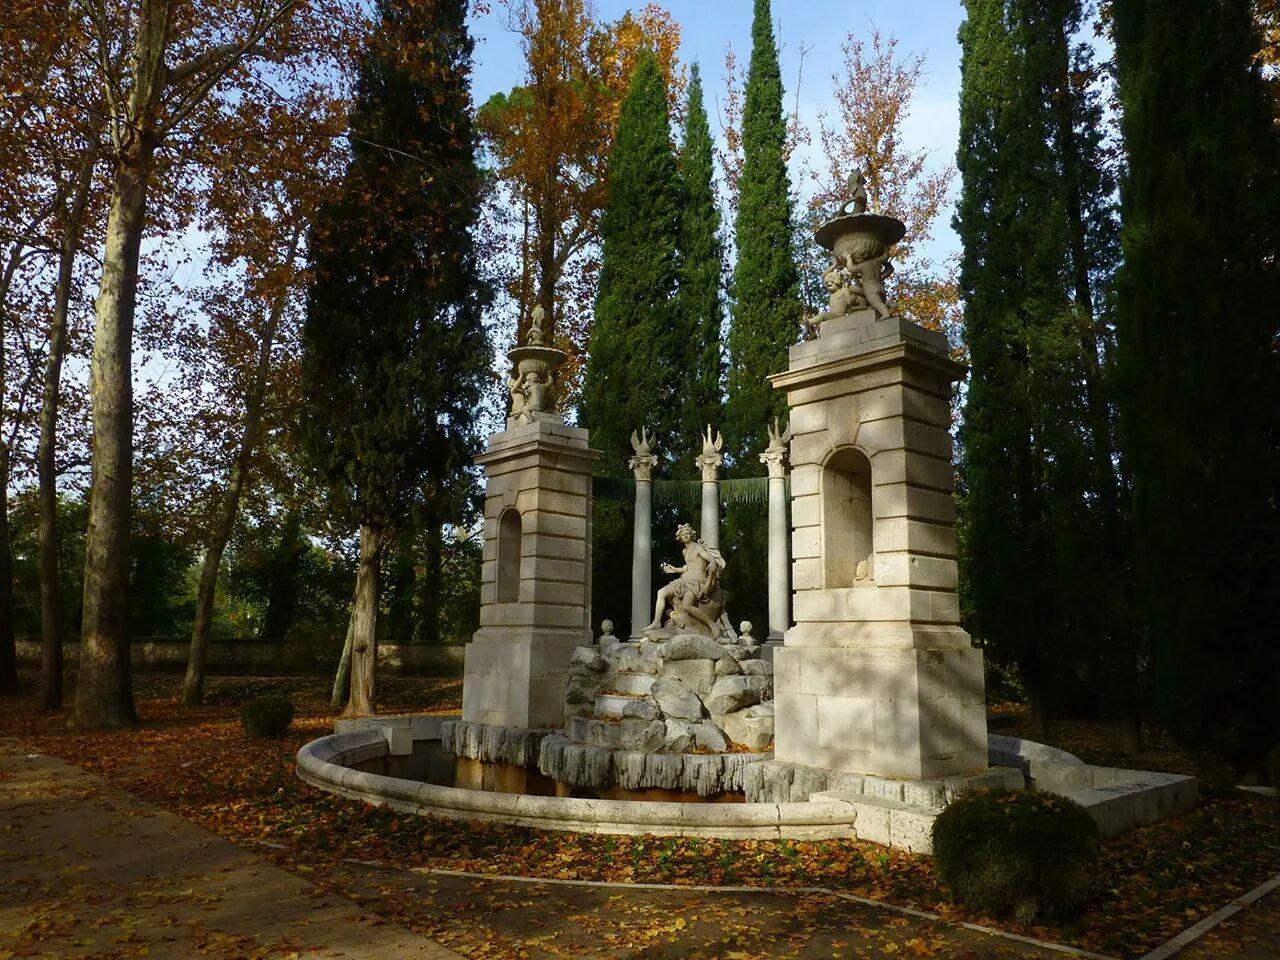 Visita guiada por el jard n del principe visitaranjuez for El jardin del principe